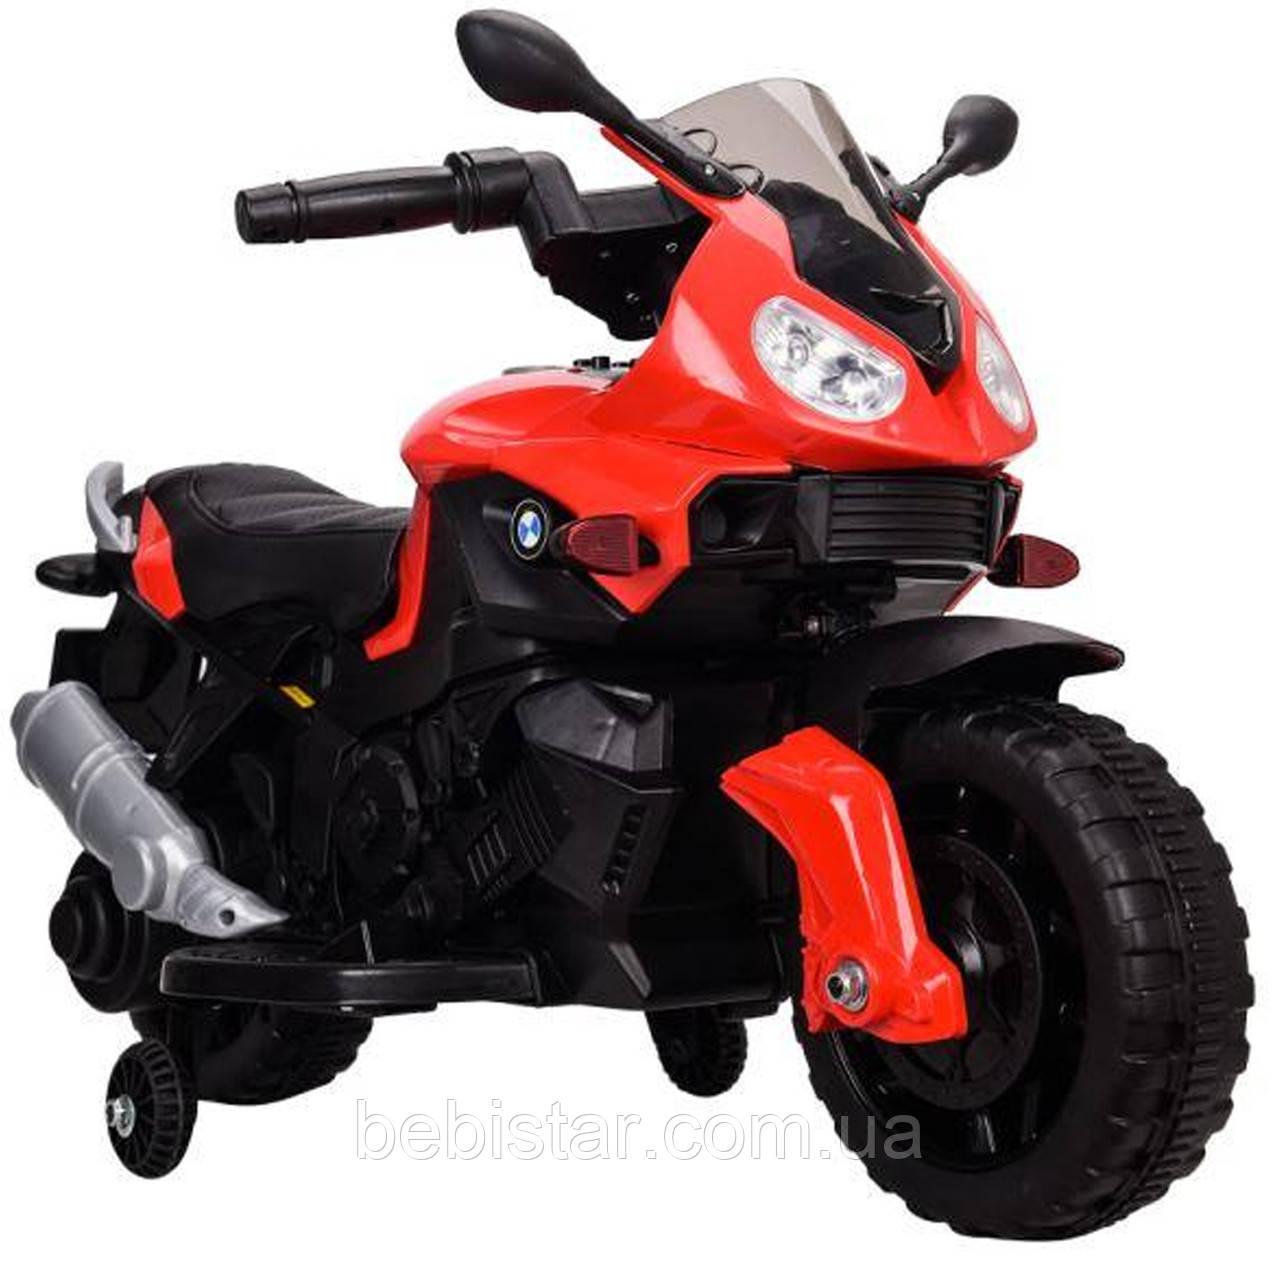 Електромобіль-мотоцикл червоний T-7219/1 RED мотор 1*20W акумулятор 6V4,5AH діткам 2-4 роки